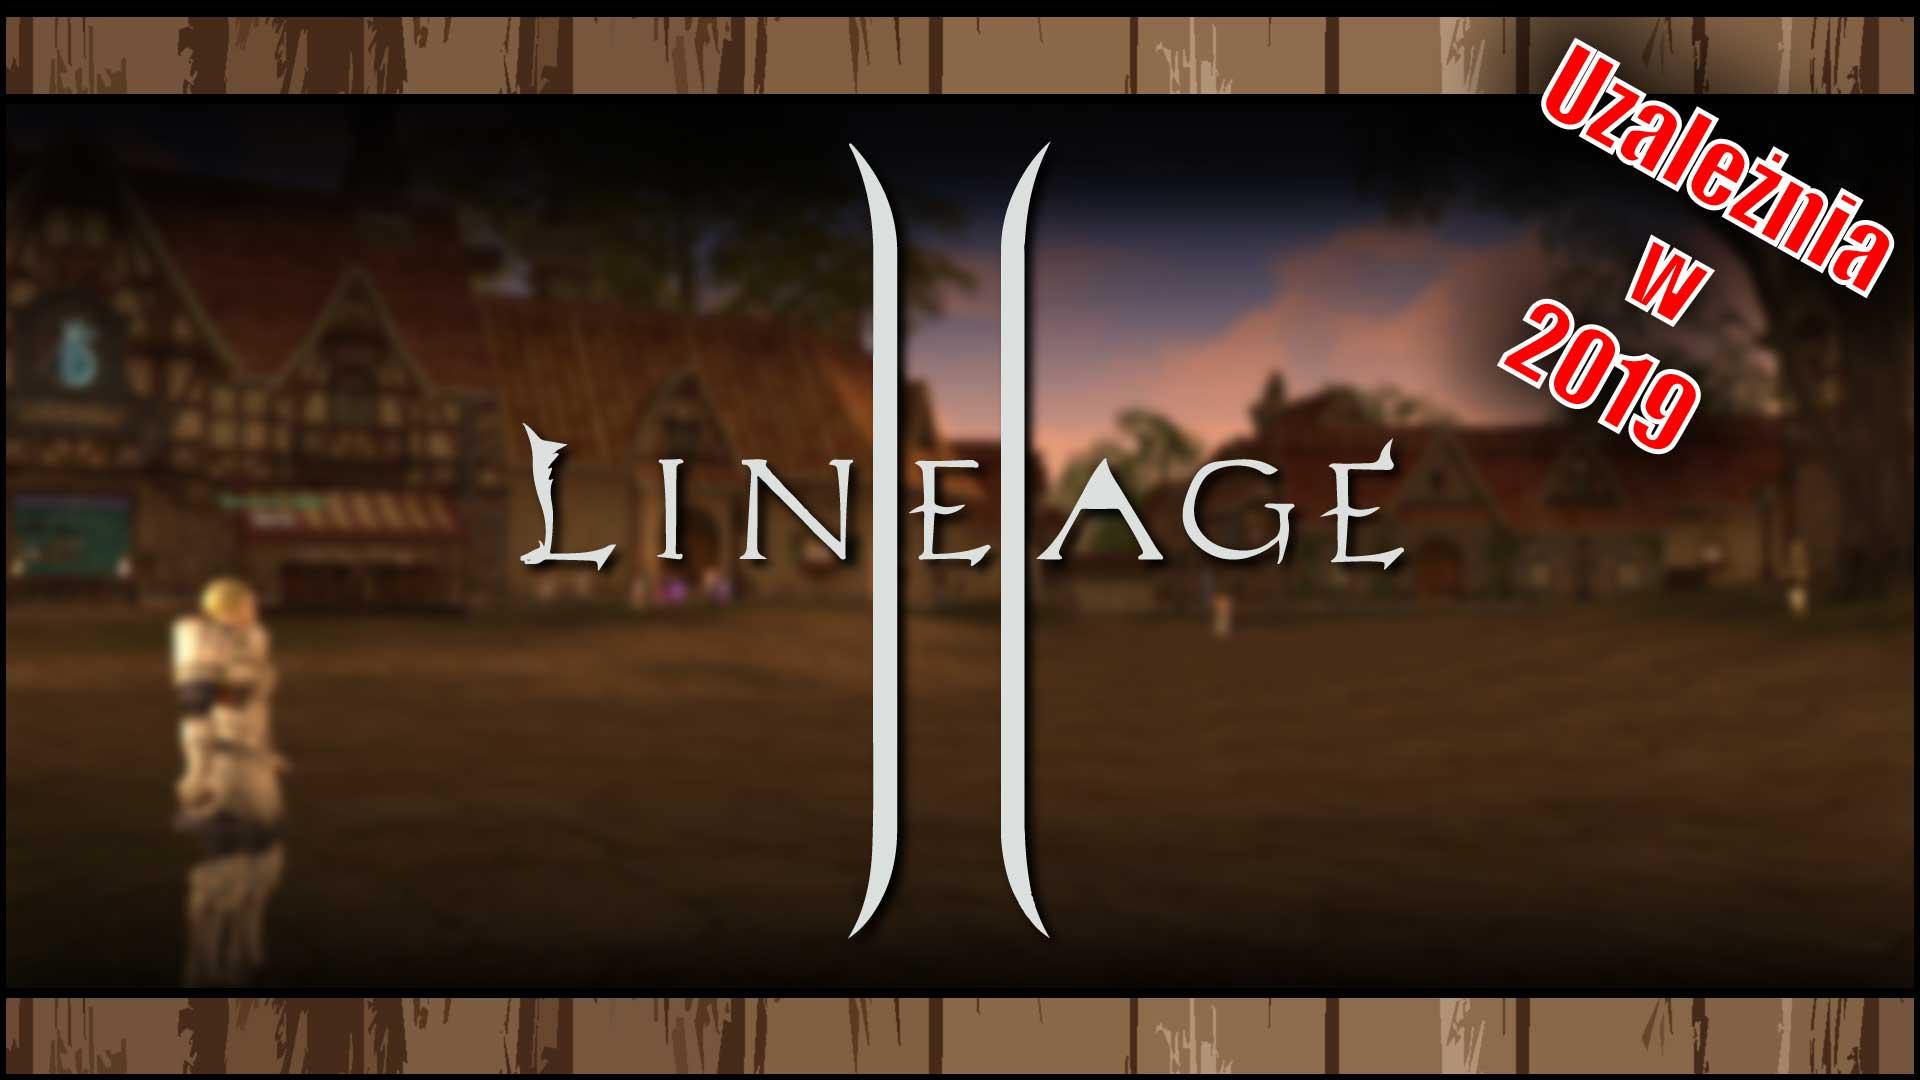 Lineage 2 potrafi uzależnić nawet w2020